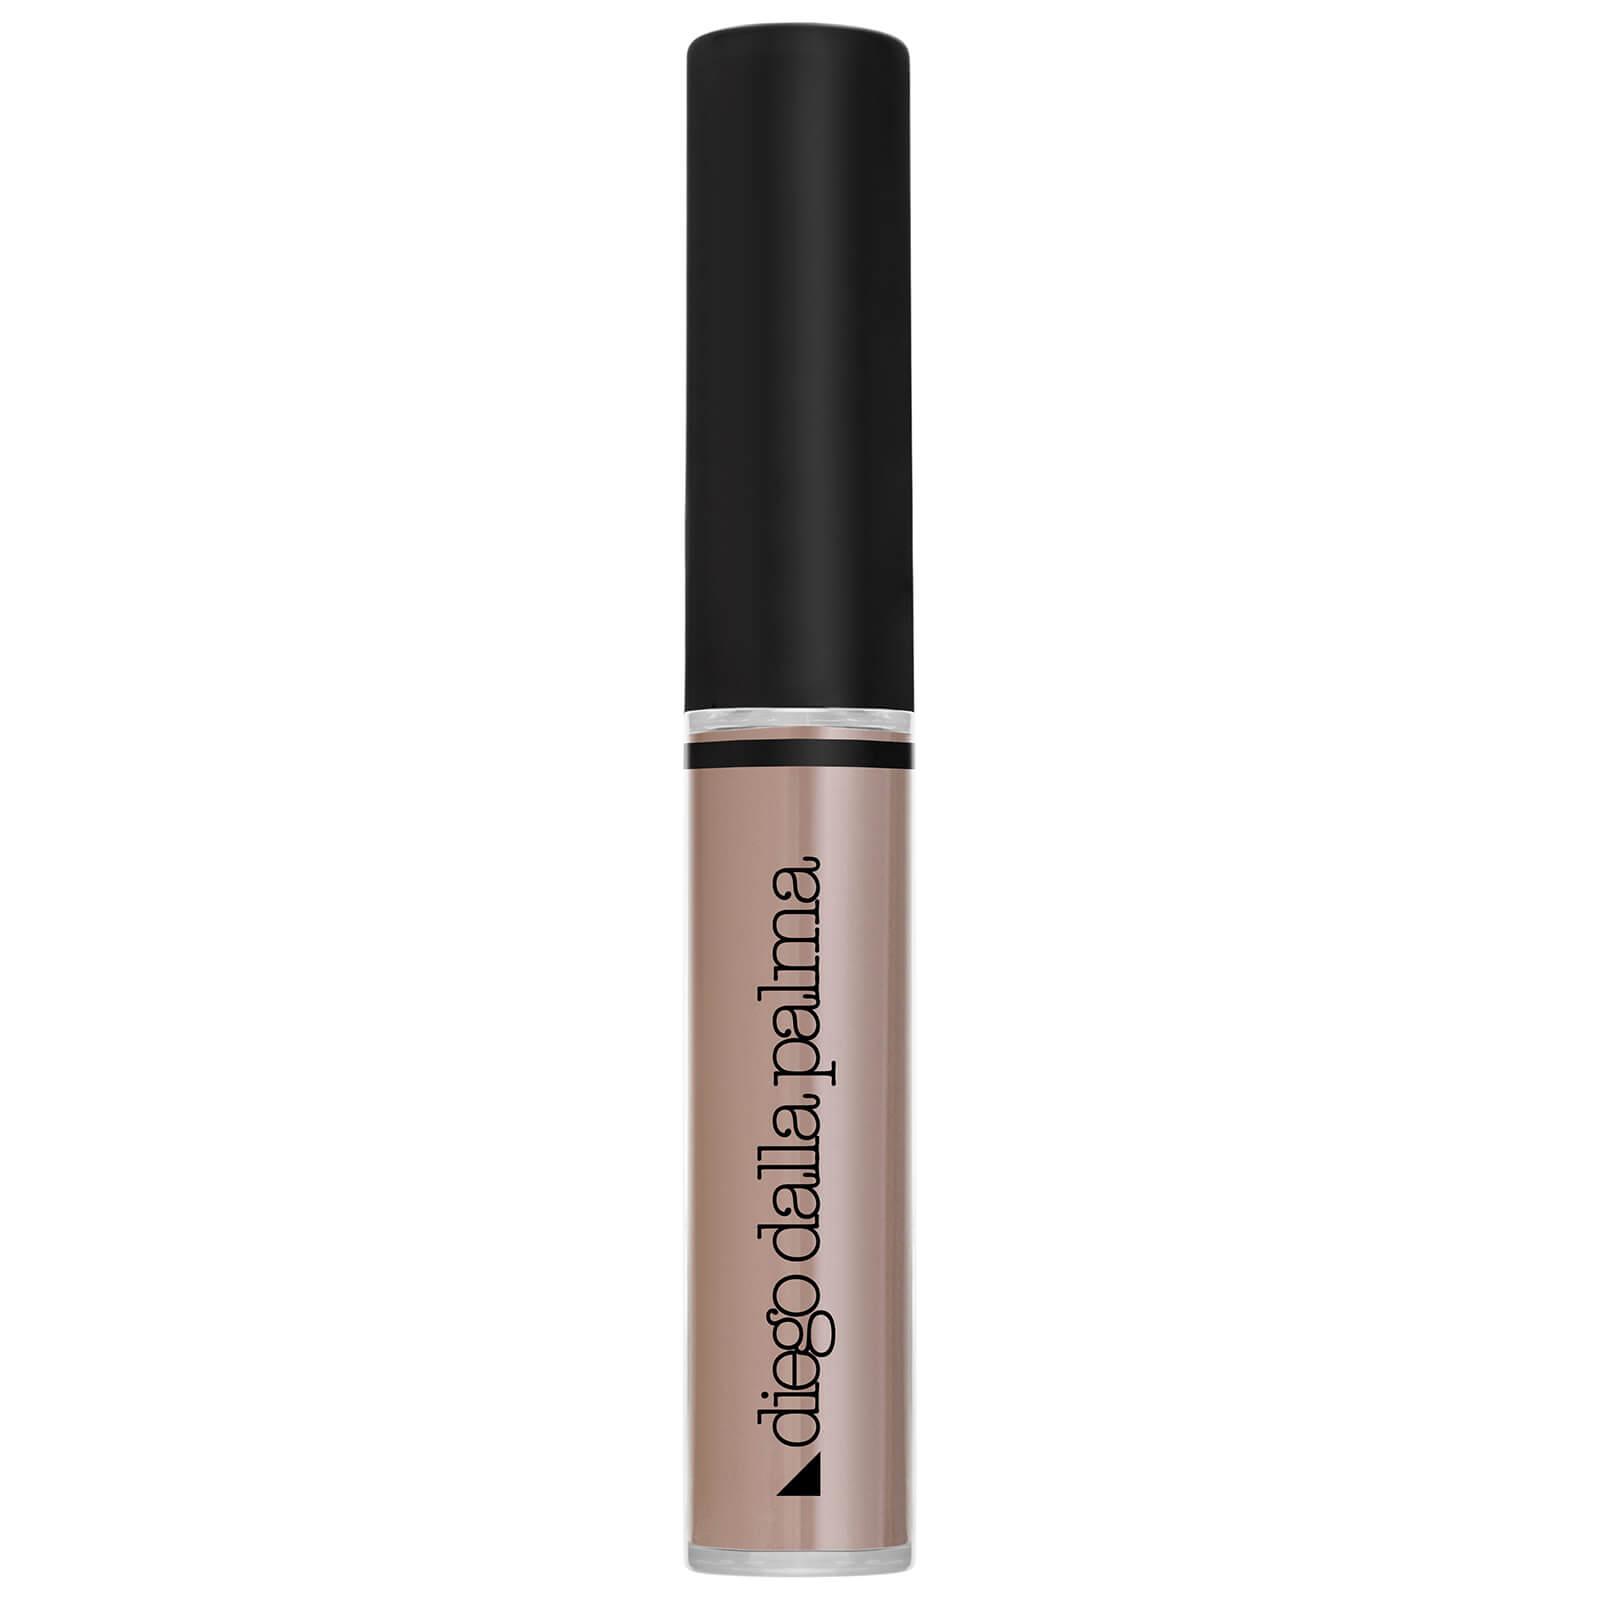 Купить Тушь для бровей diego dalla palma Volumizing Coloured Eyebrow Fixer with Fibres 4 мл (различные оттенки) - Light